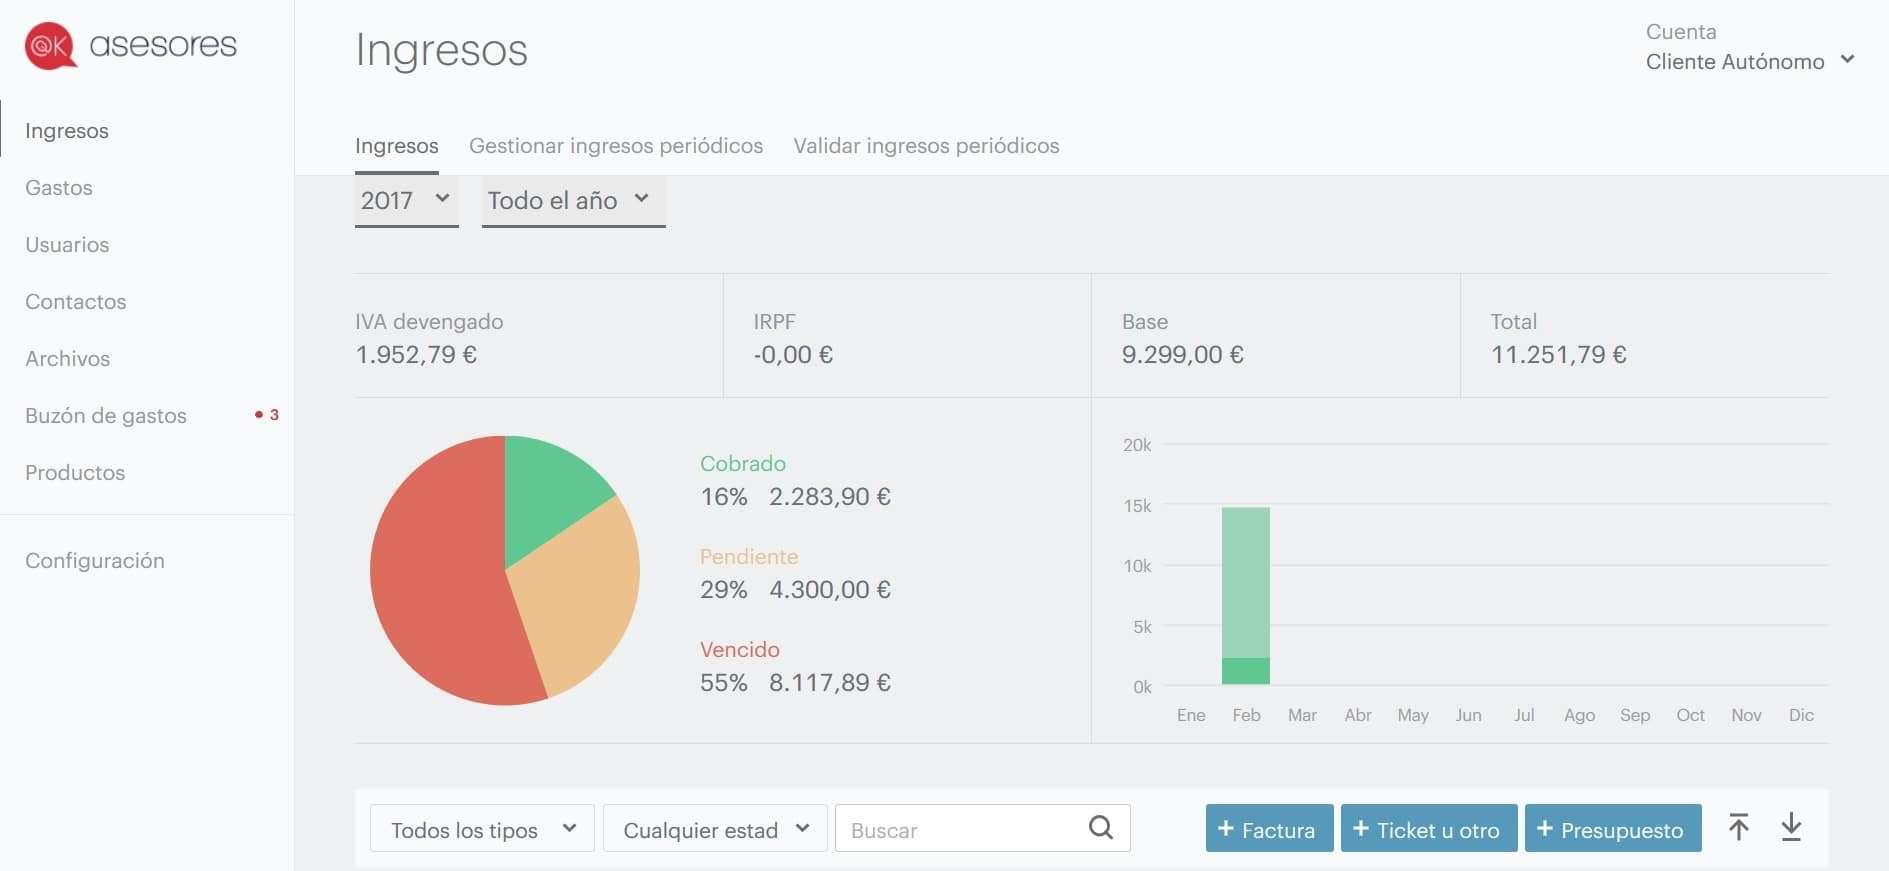 Cómo crear factura con el programa software de facturación OKasesores